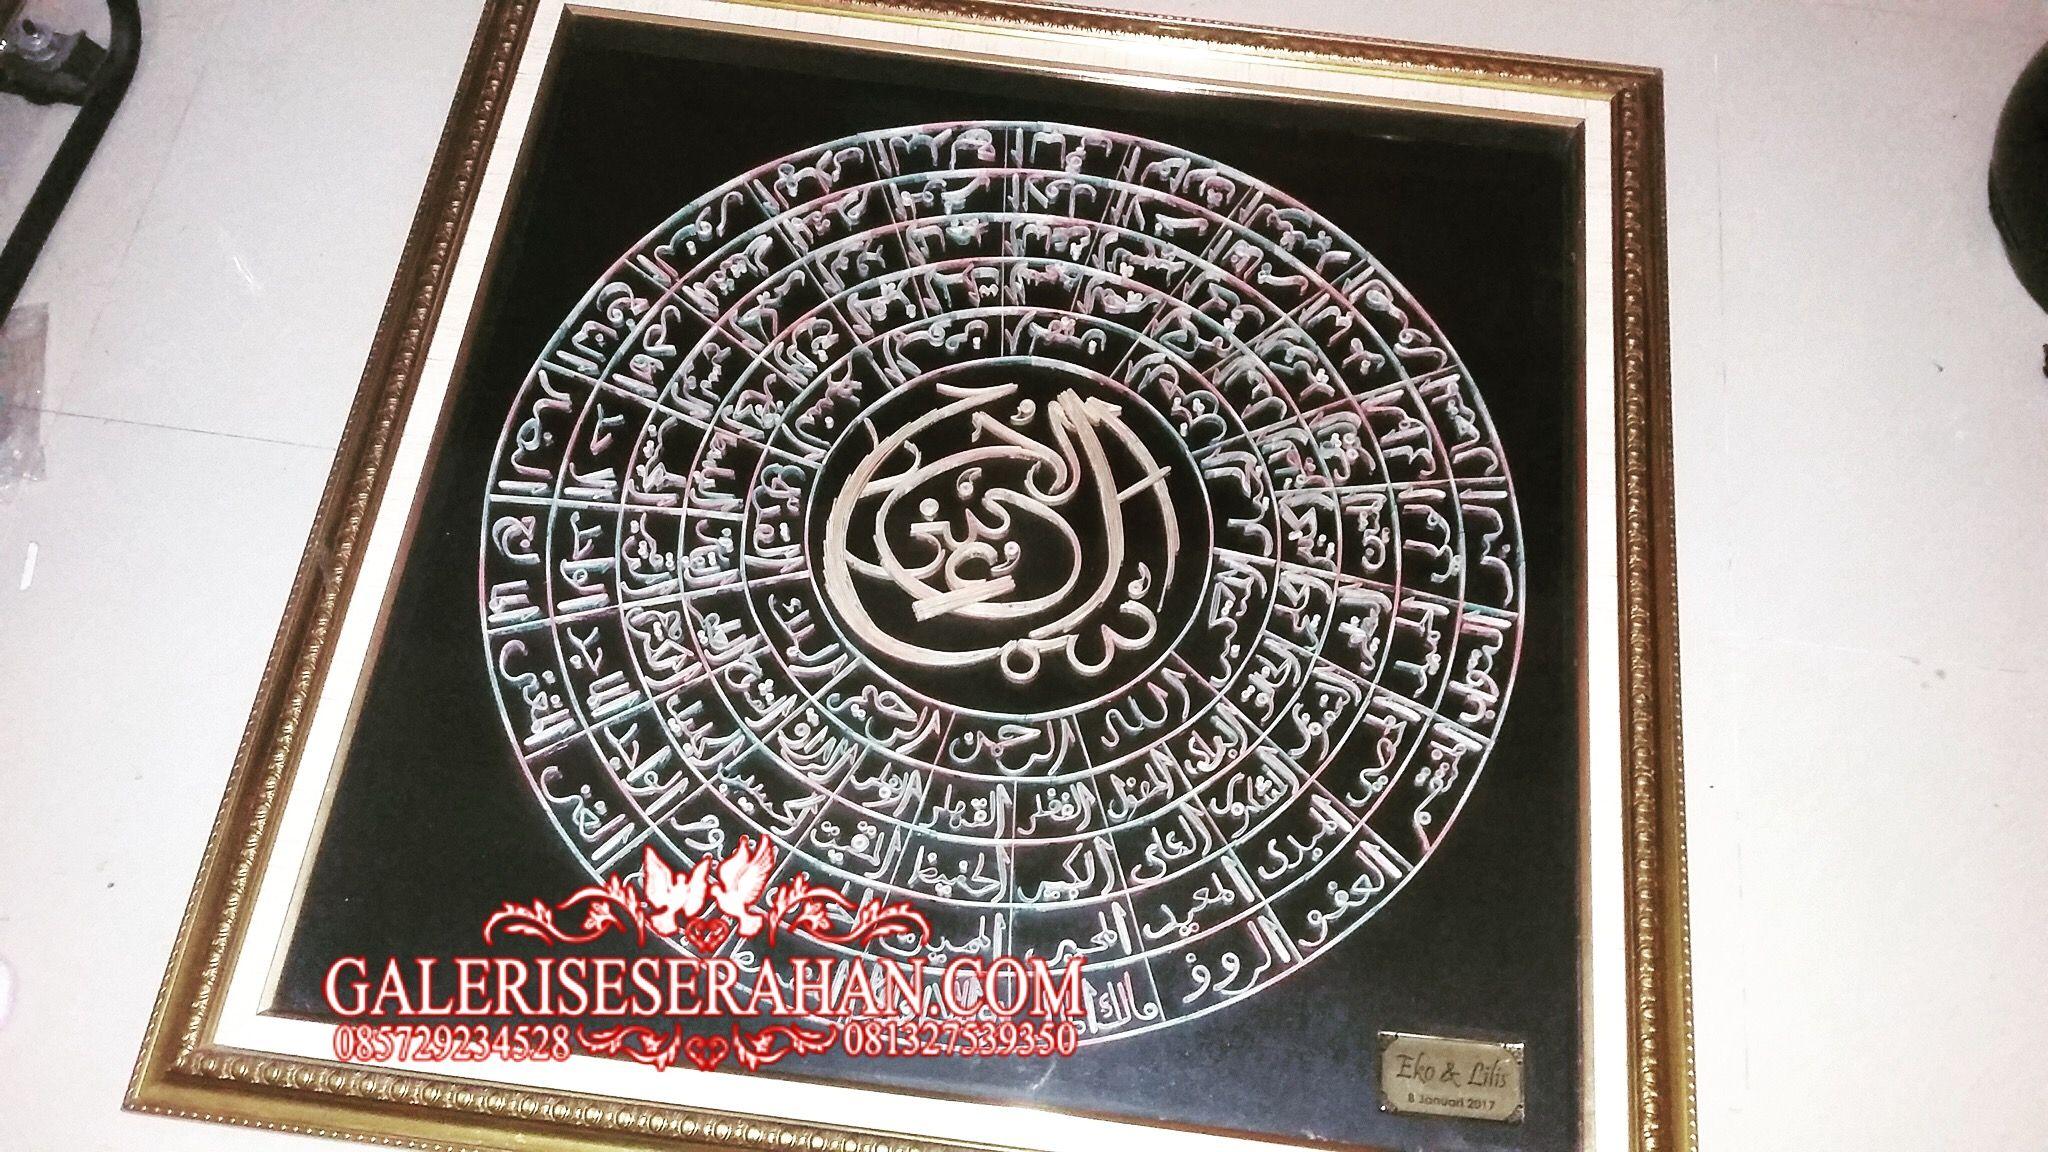 Contoh Kaligrafi Dekorasi Asmaul Husna Kaligrafi Asmaul Husna